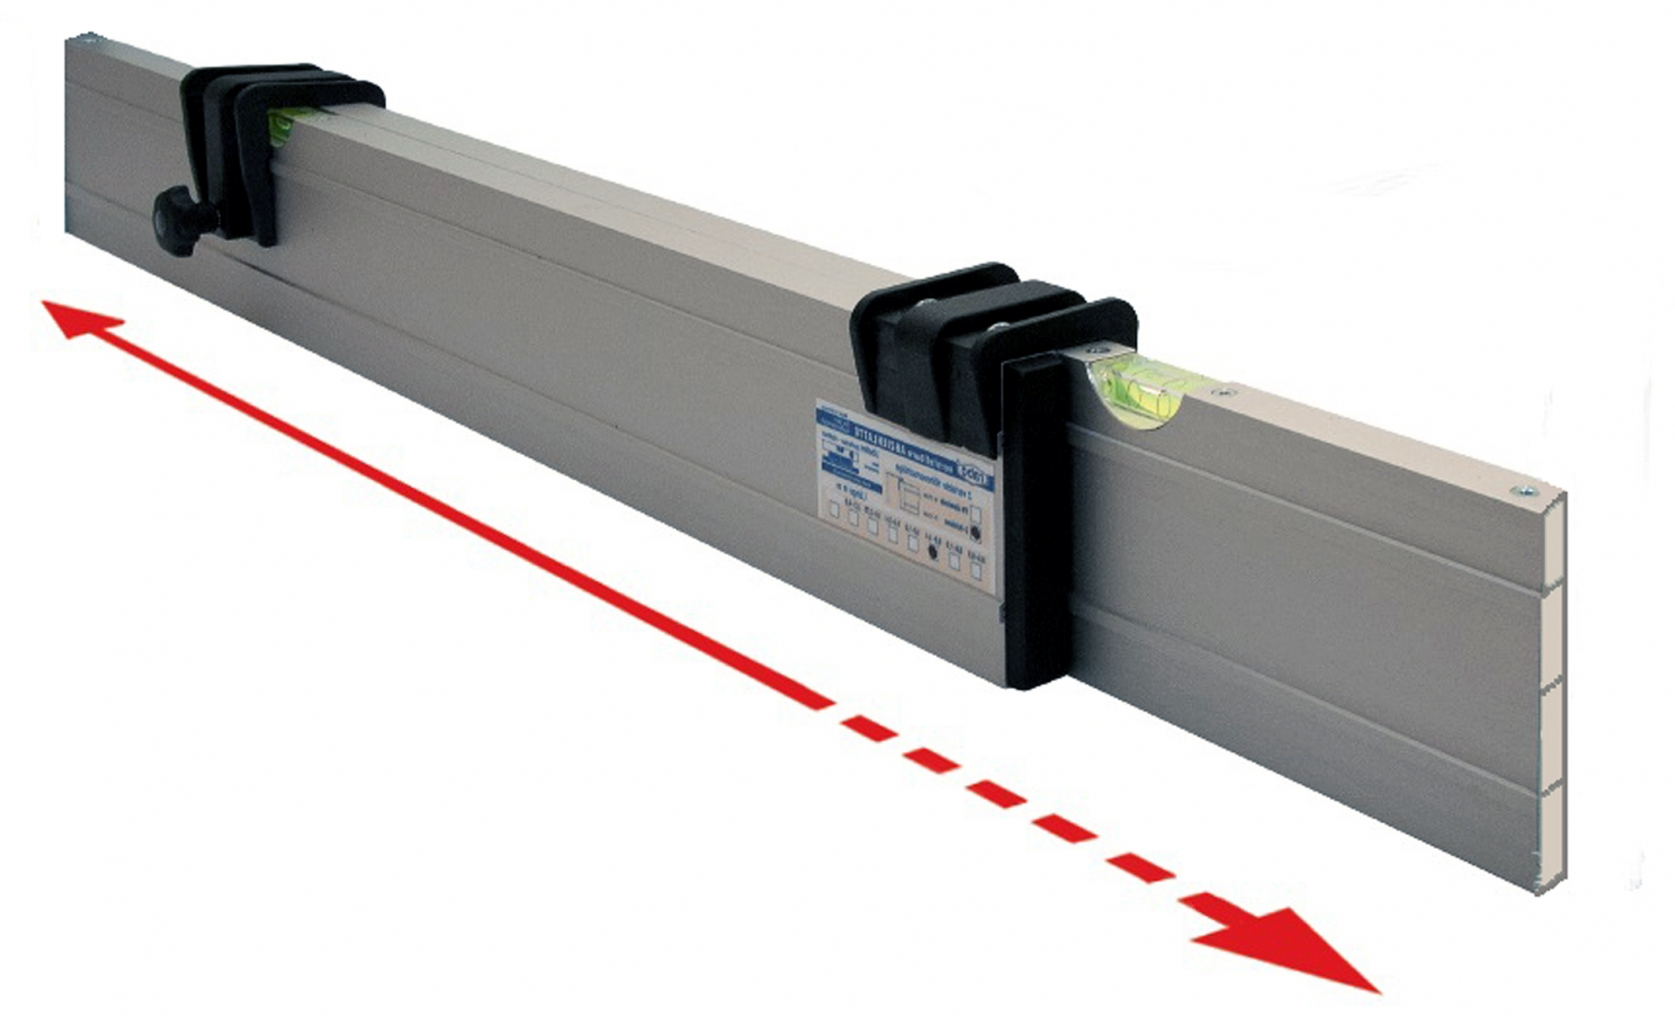 Nivelo NL40 nastavitelná stahovací lať s pracovní délkou 2.3 - 4 m